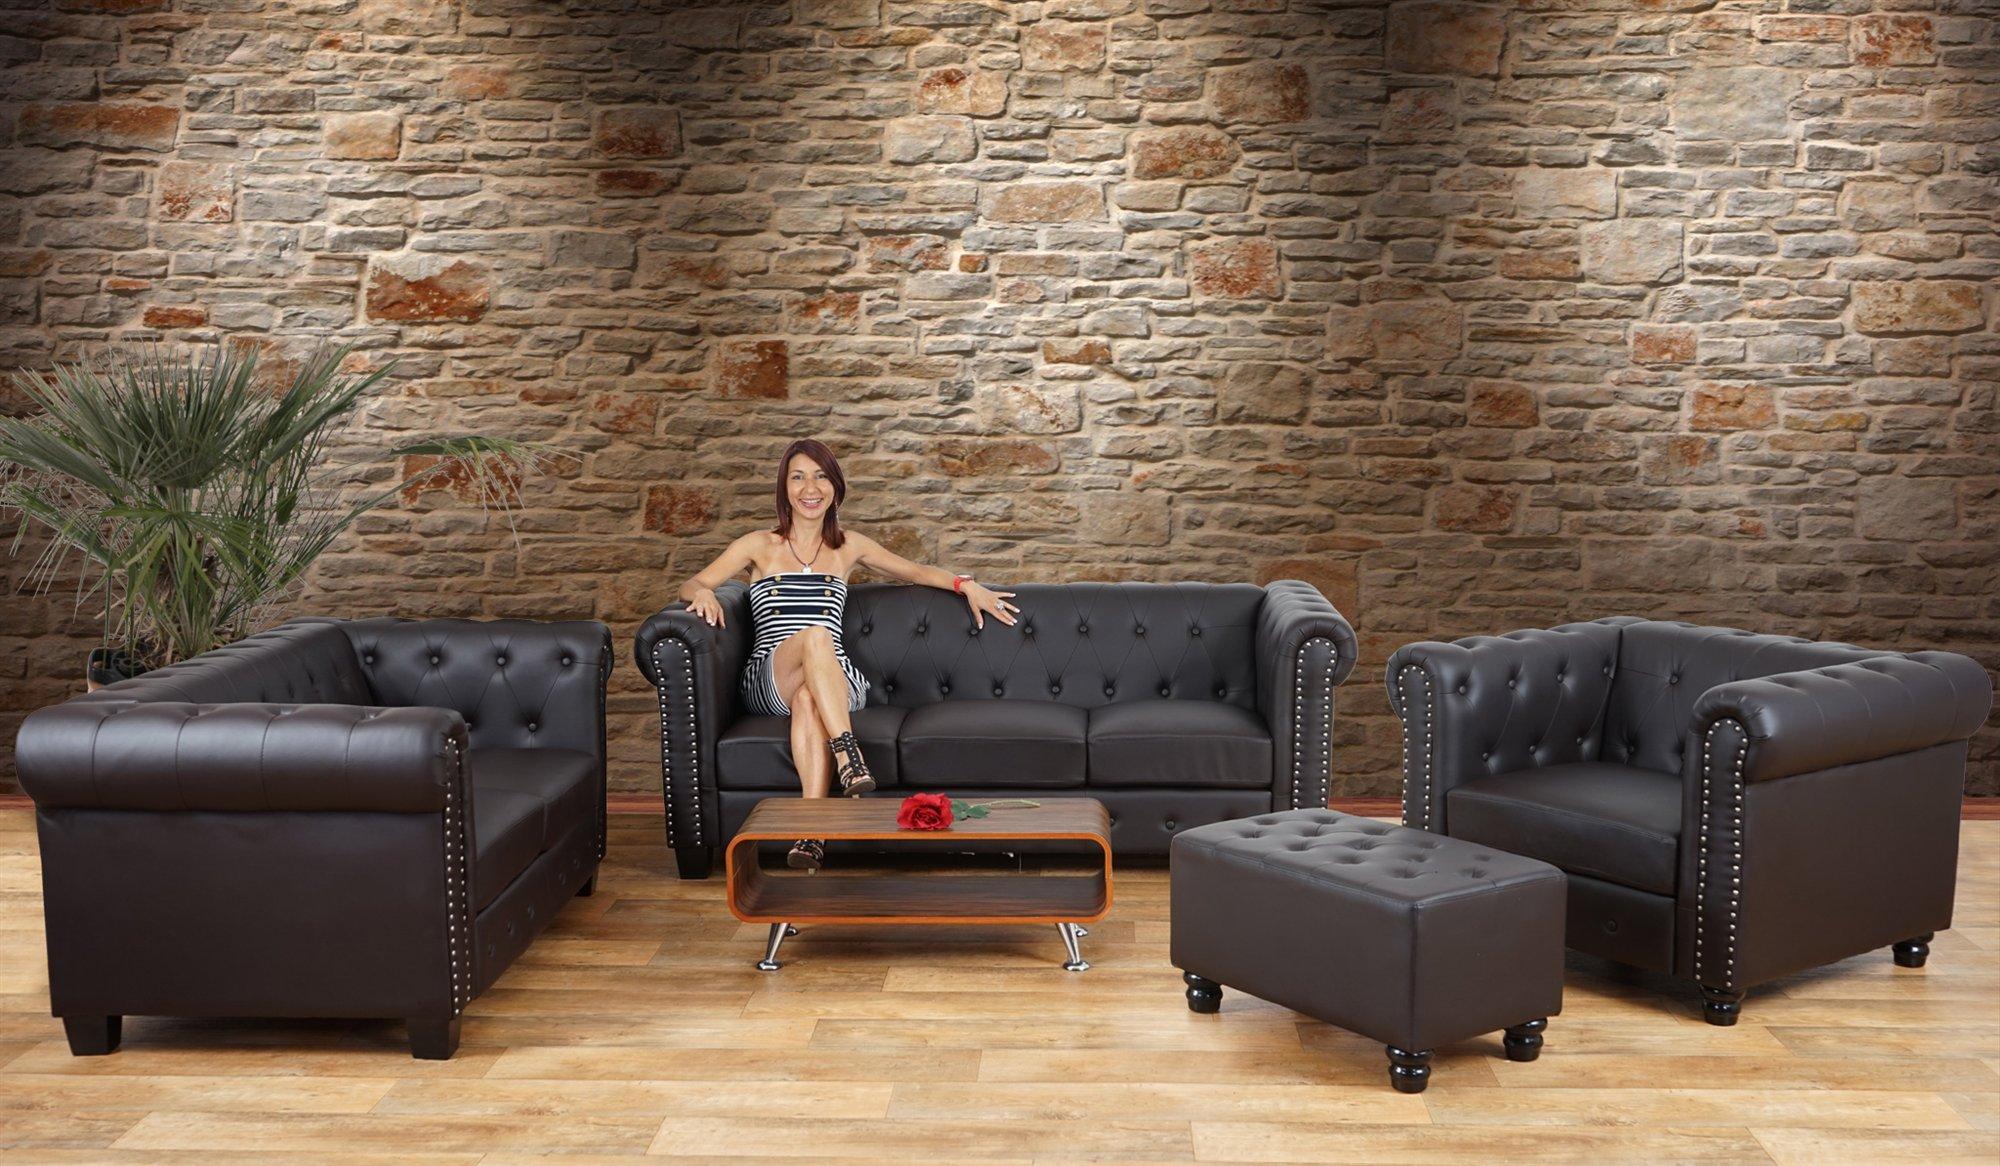 Sillón Relax Chesterfield de cuero negro, gran diseño - Sillón Relax ...